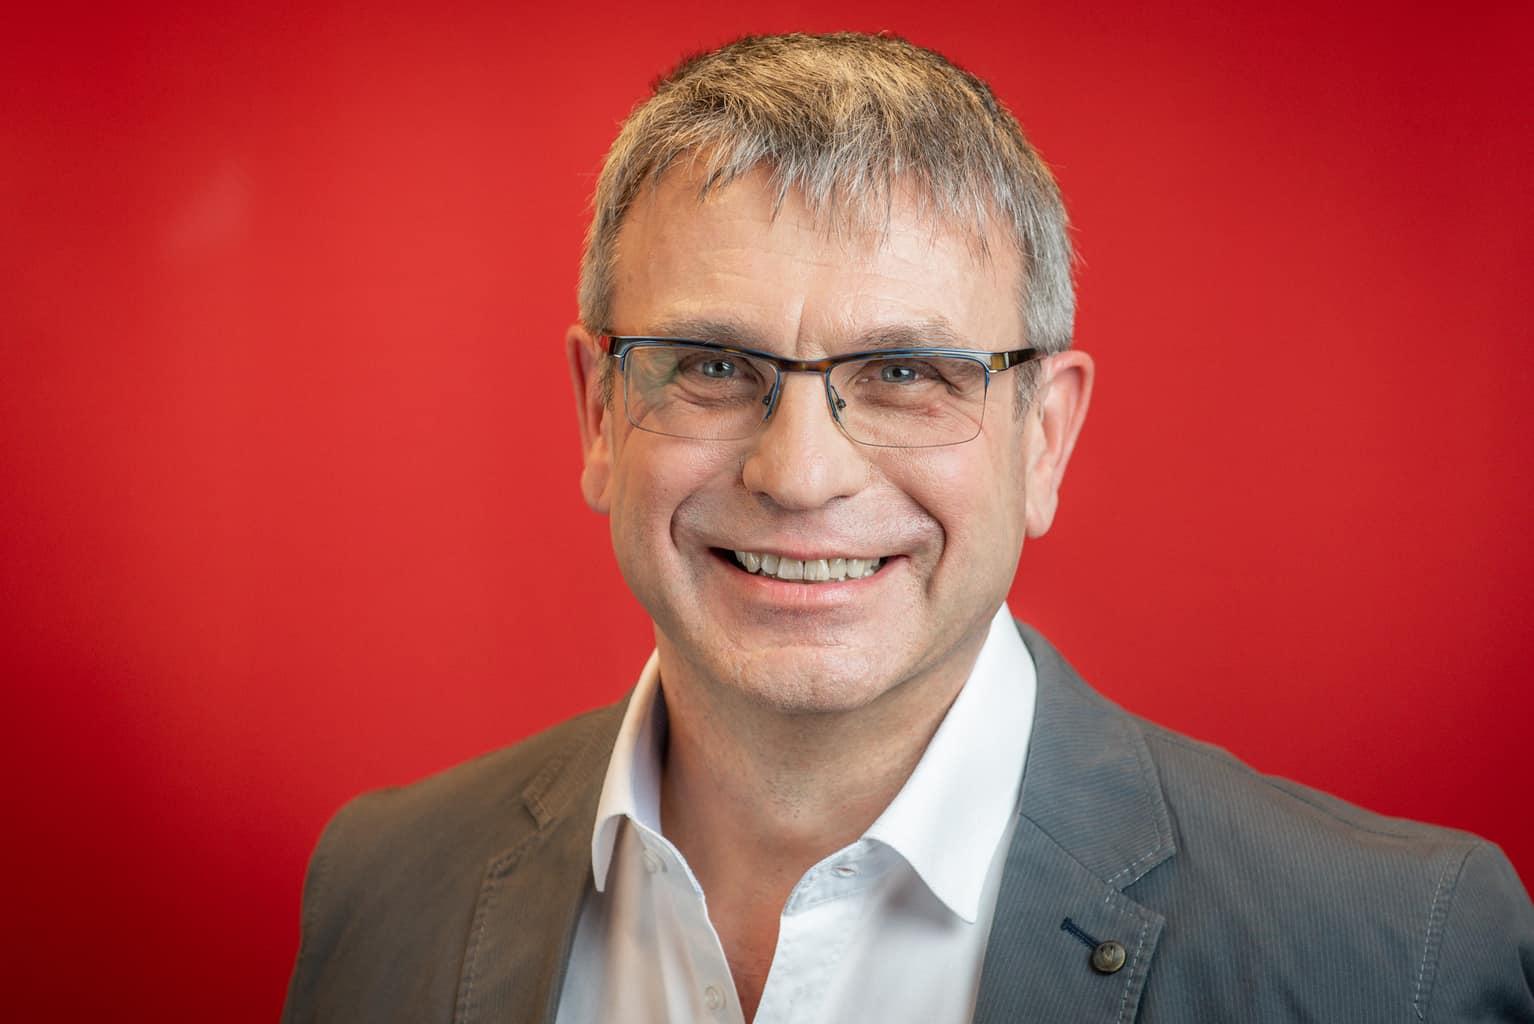 Jürgen Edel